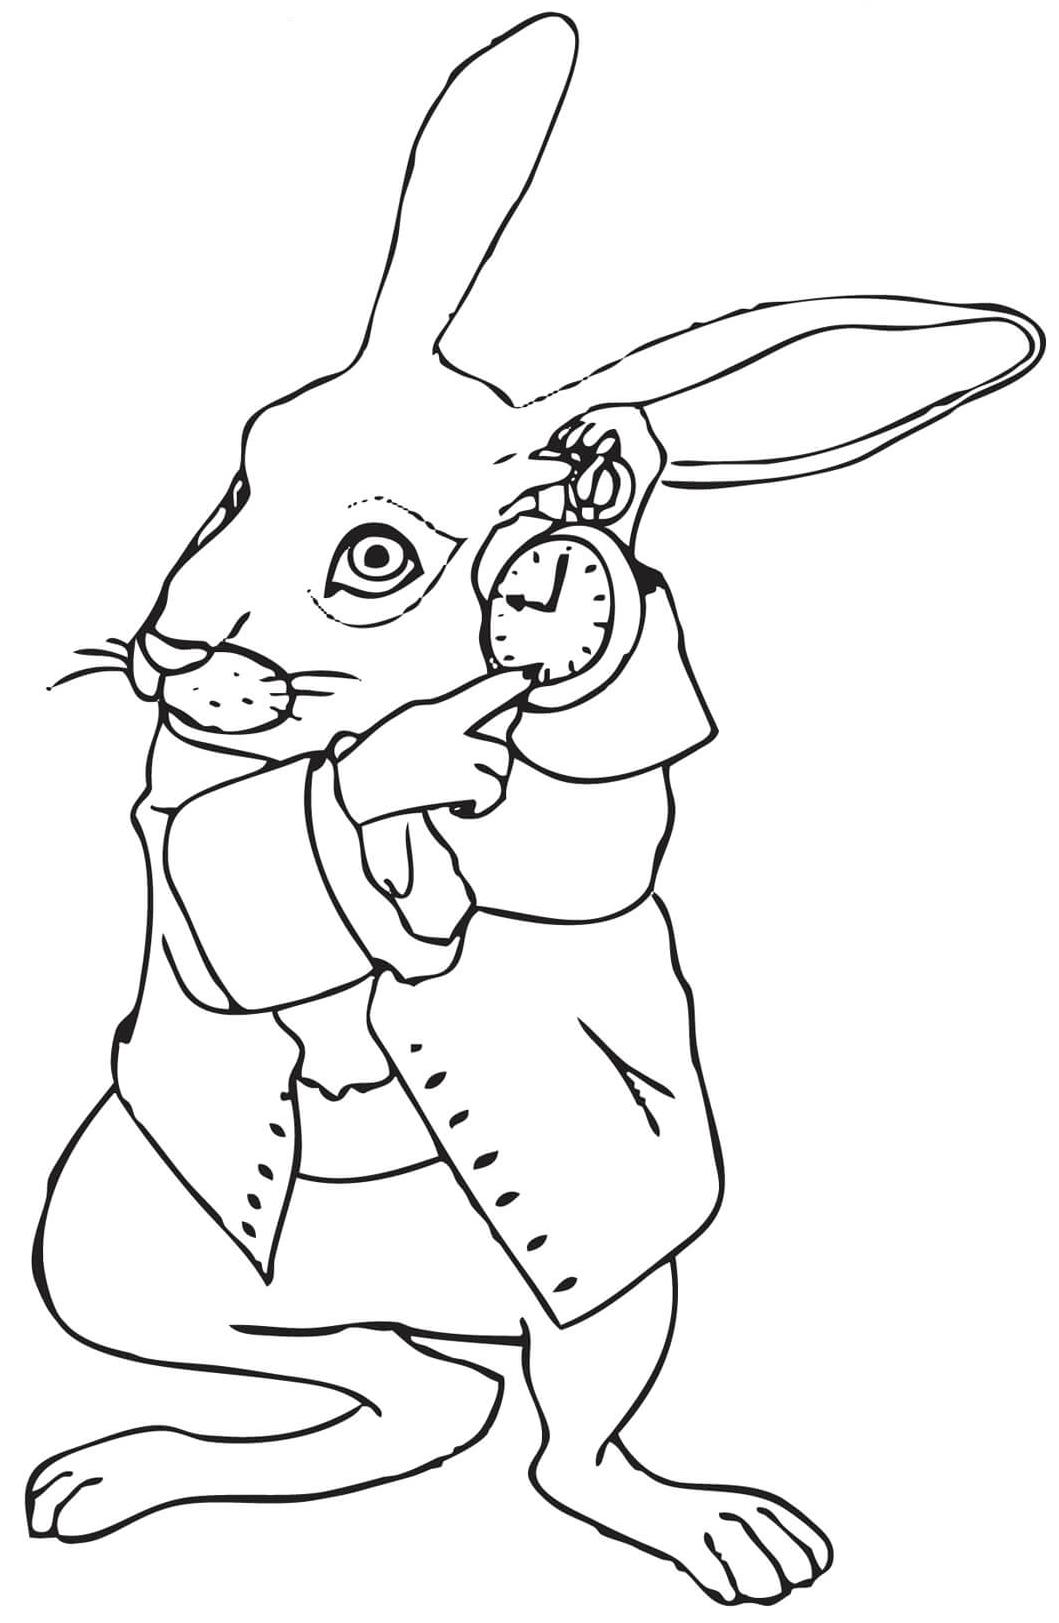 Рисунки кролика из алисы в стране чудес